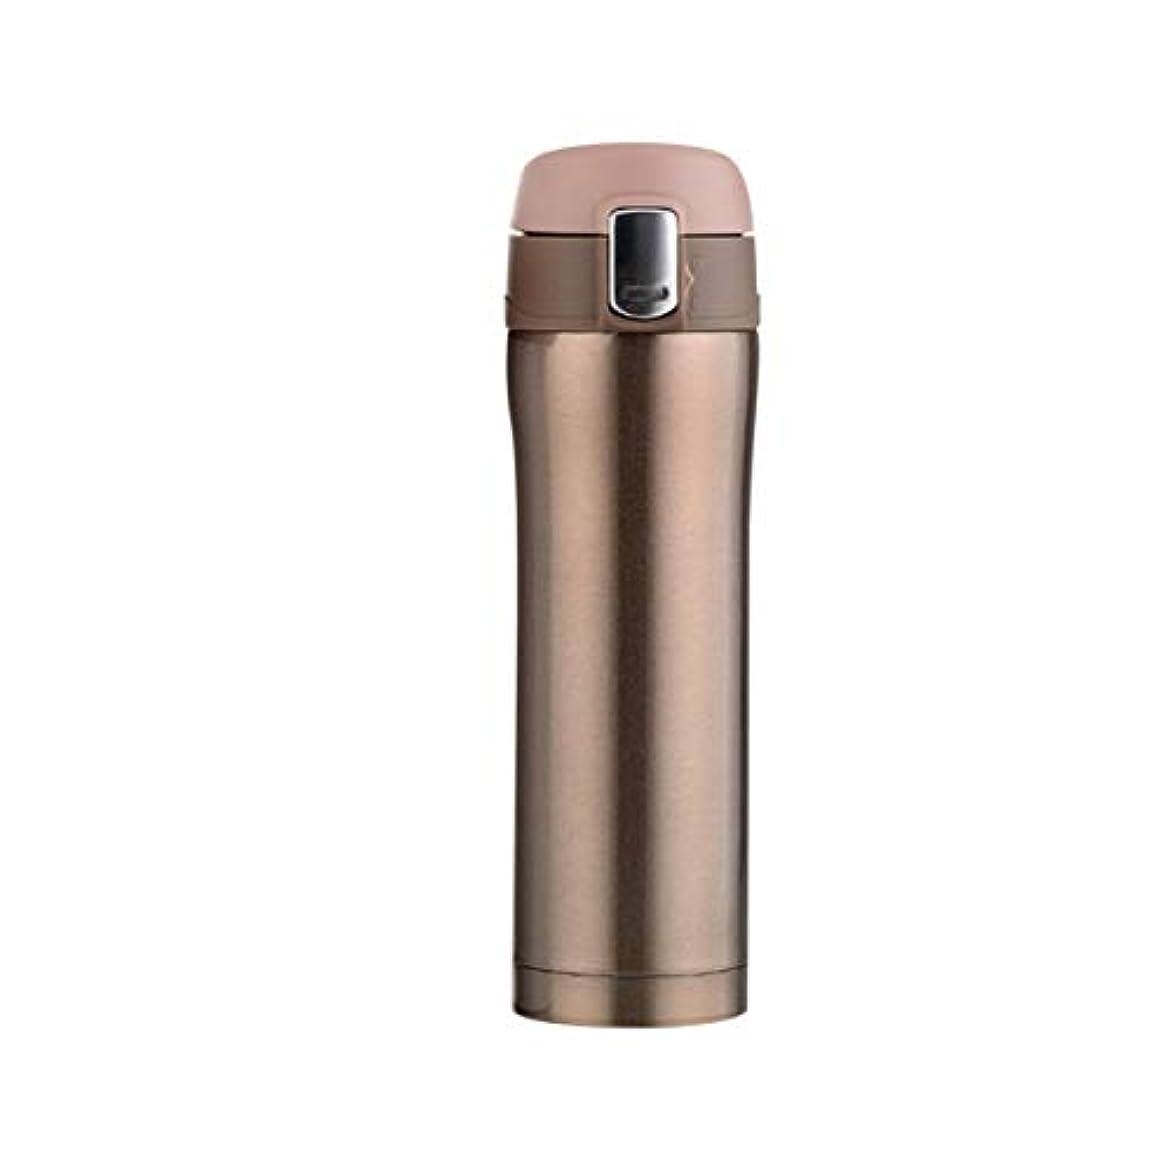 インゲンありがたい儀式Saikogoods 500MLコンパクトサイズのステンレス鋼真空断熱ウォーターボトルメンズ?レディース?オフィス旅行カー水マグボトルドリンク ゴールド